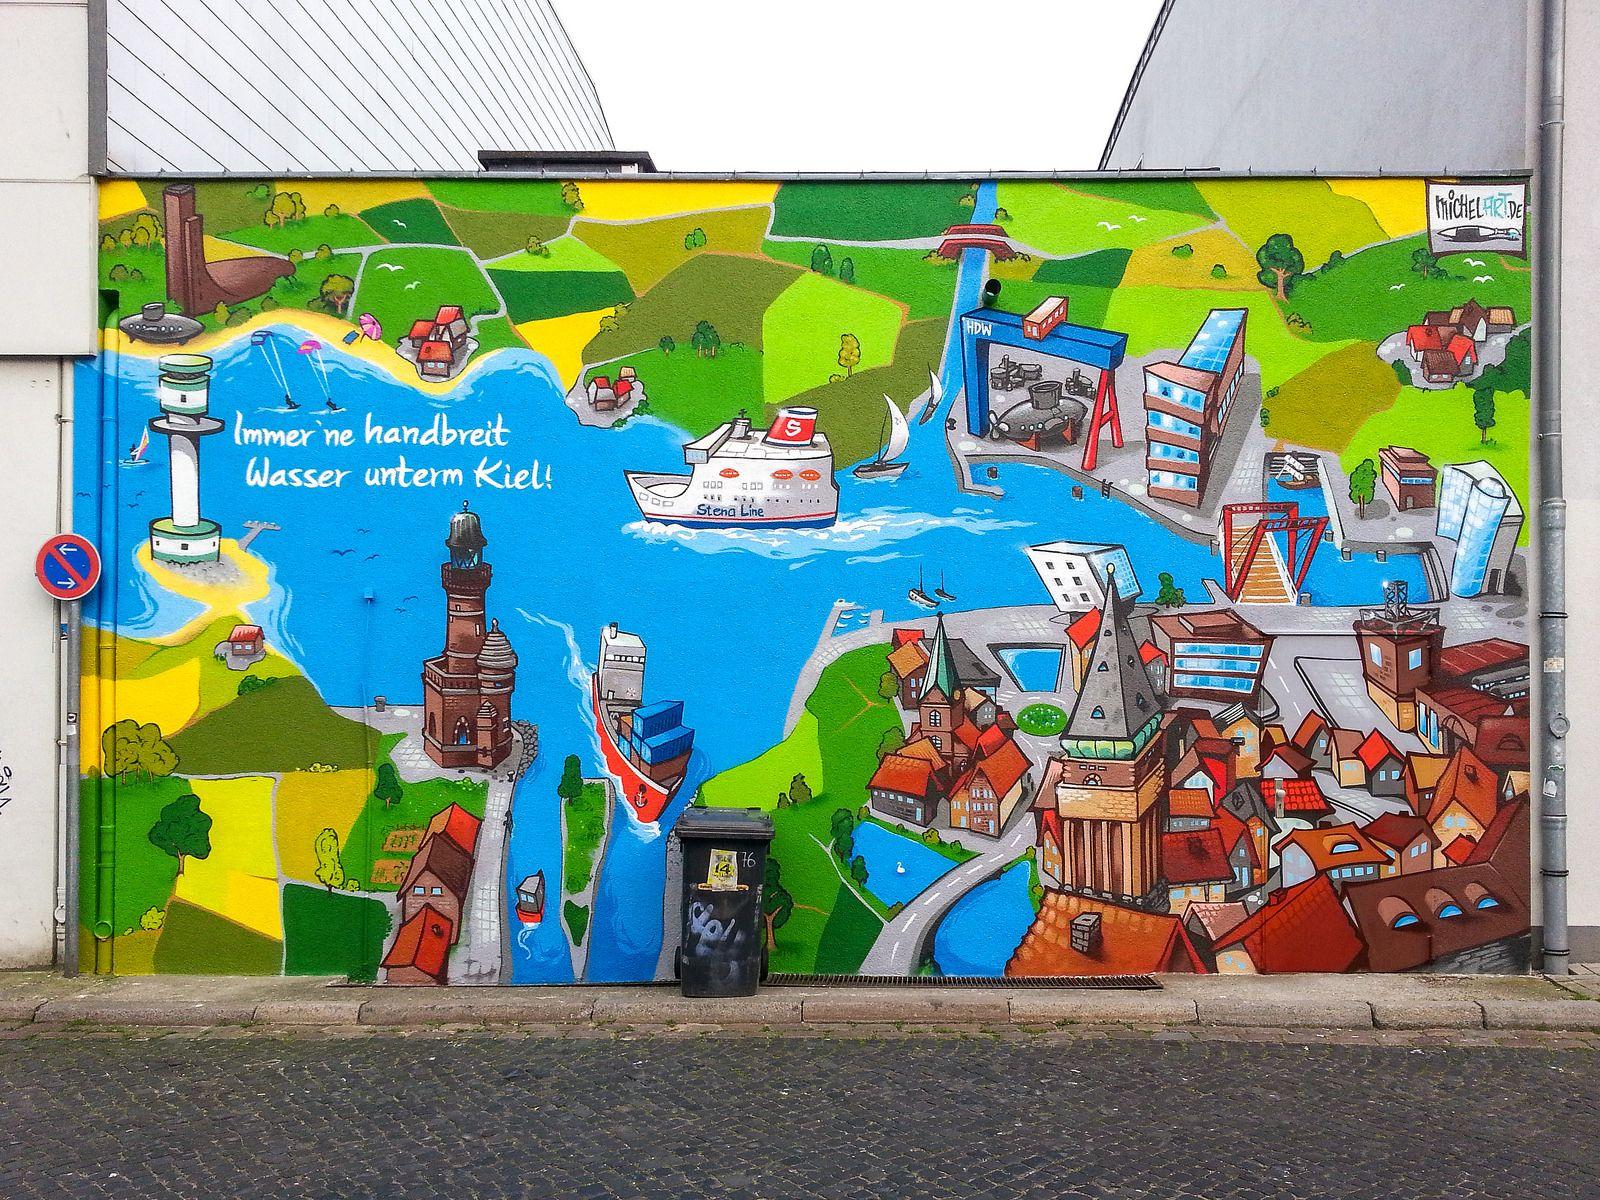 #Kiel Kiel und seine Wahrzeichen und Sehenswürdigkeiten auf 45 m² Wandfläche:Dieses Werk entstand im Mai 2014 im Mühlengang/Rückseite Holstenstrasse 78 . Die Fassade wurde immer wieder unschön beschmier...